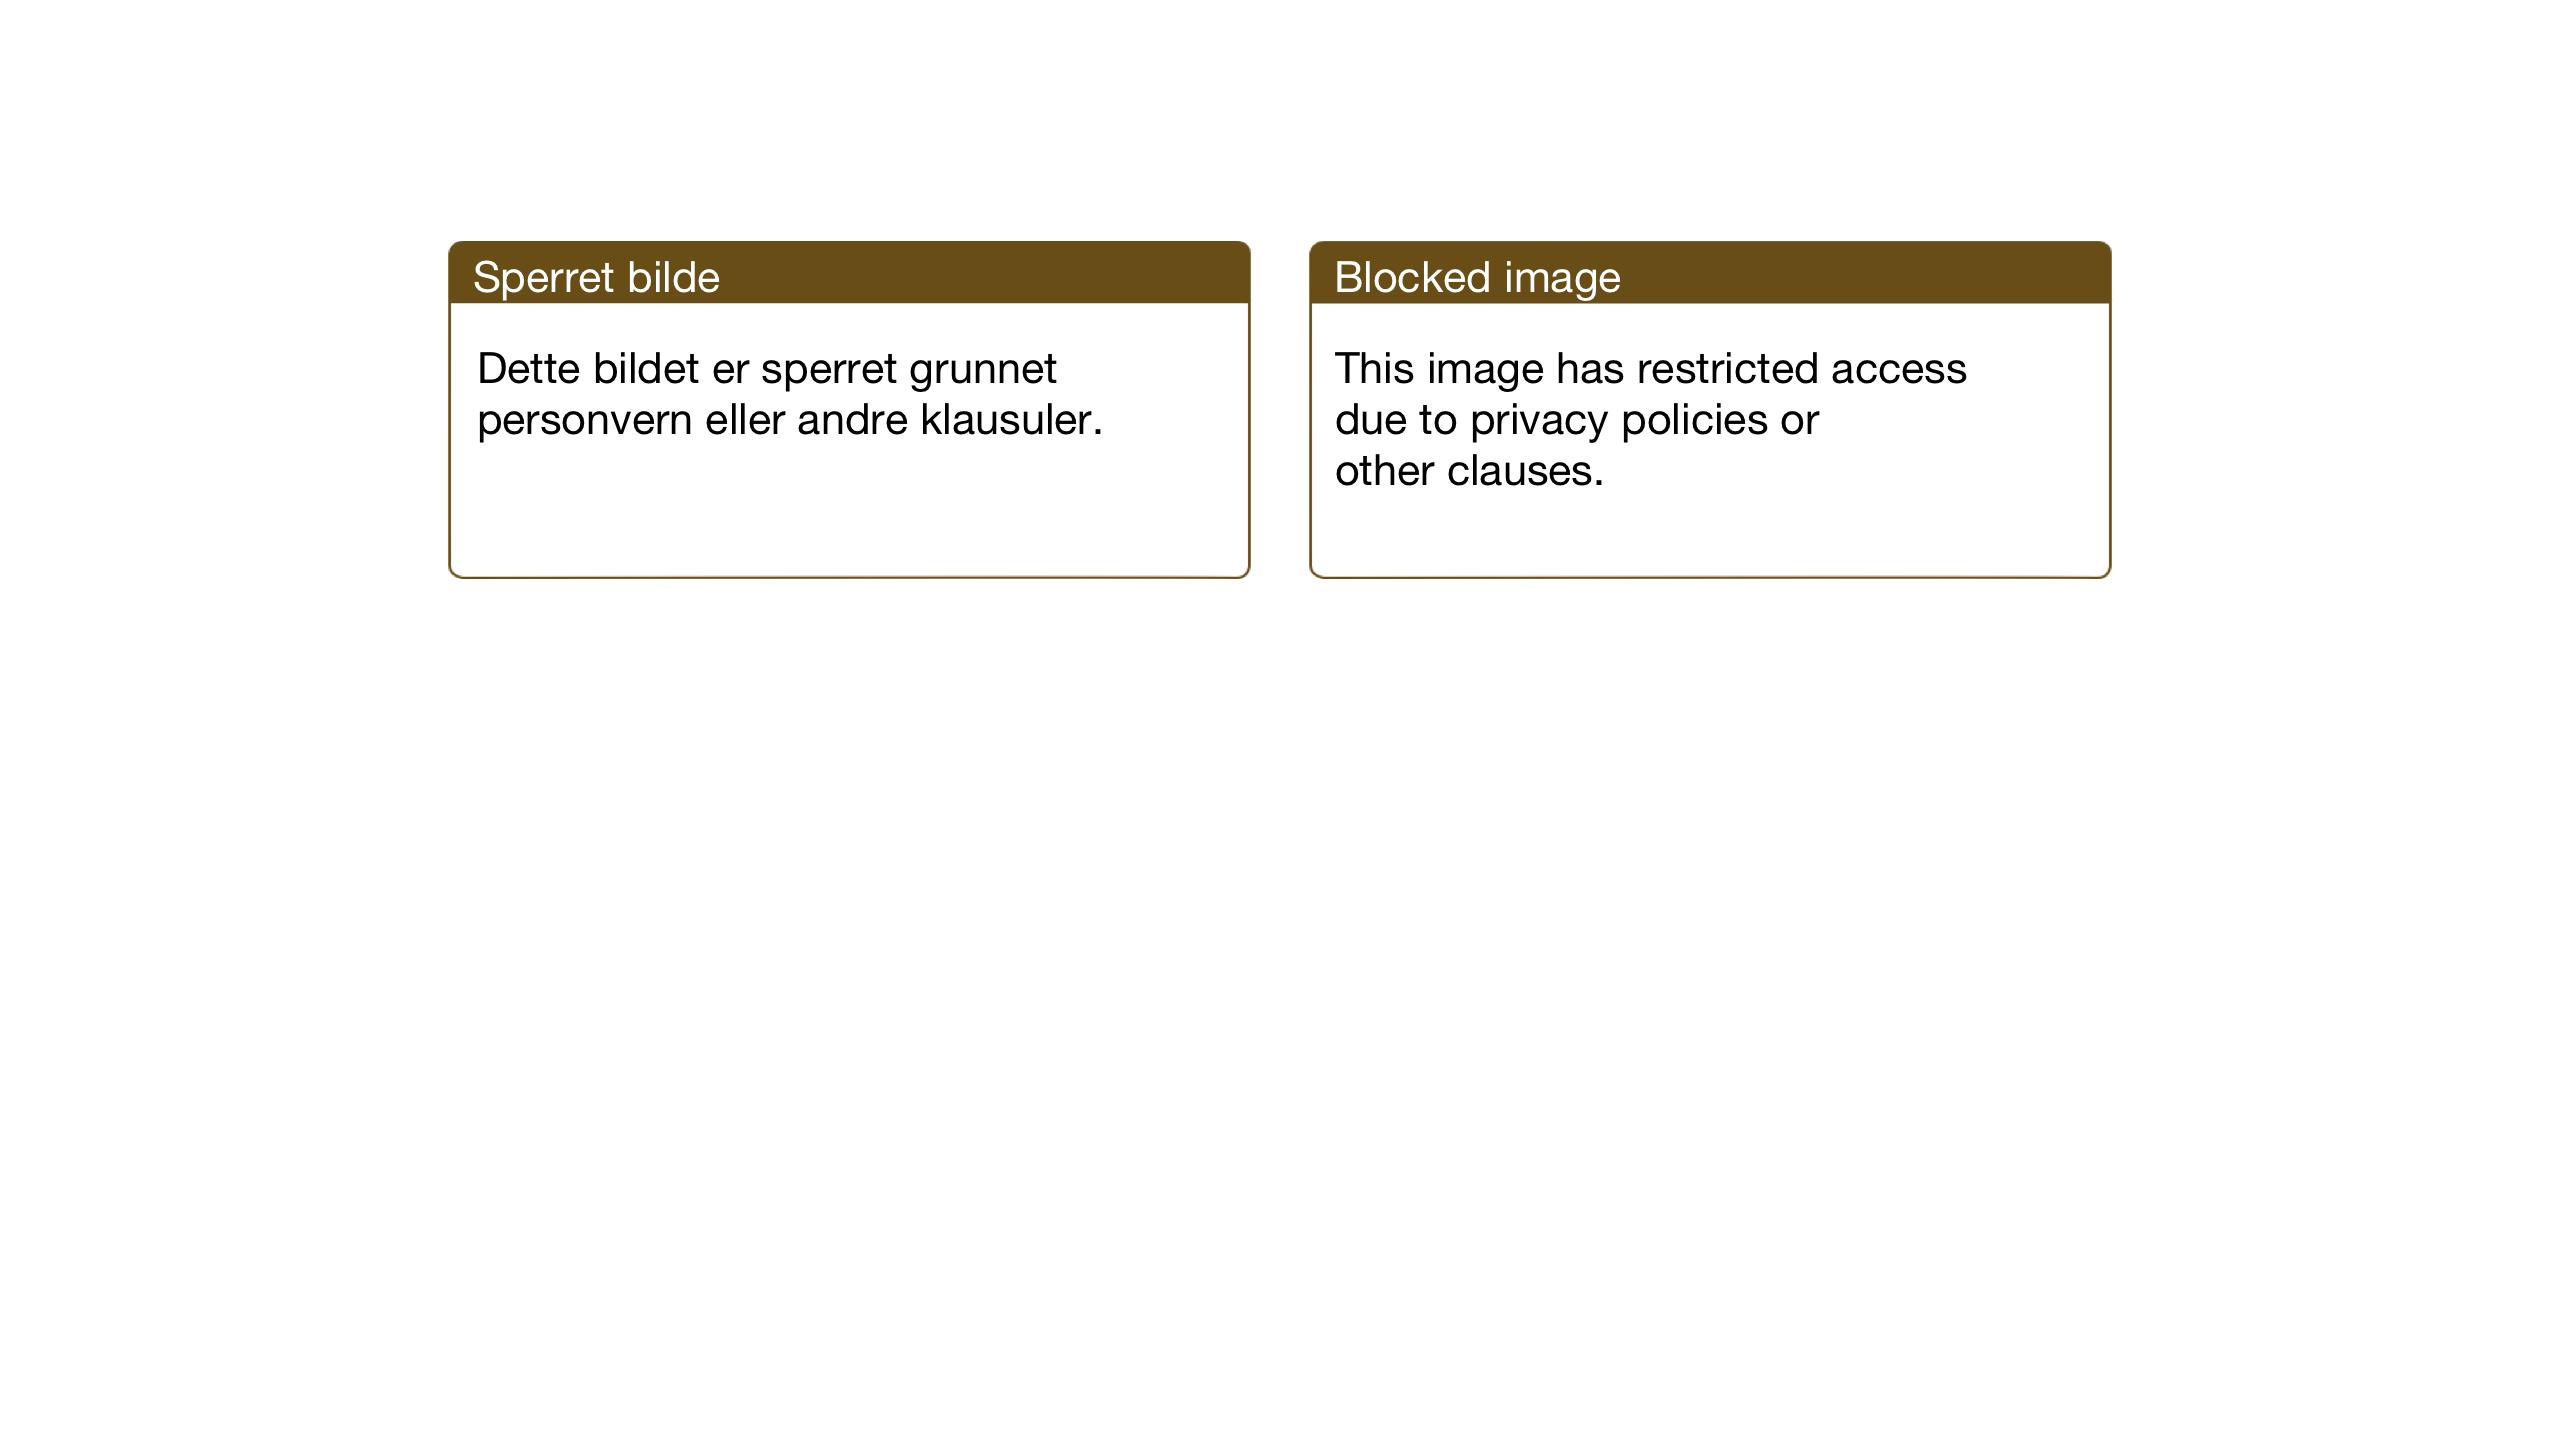 SAT, Ministerialprotokoller, klokkerbøker og fødselsregistre - Sør-Trøndelag, 655/L0690: Klokkerbok nr. 655C06, 1937-1950, s. 36